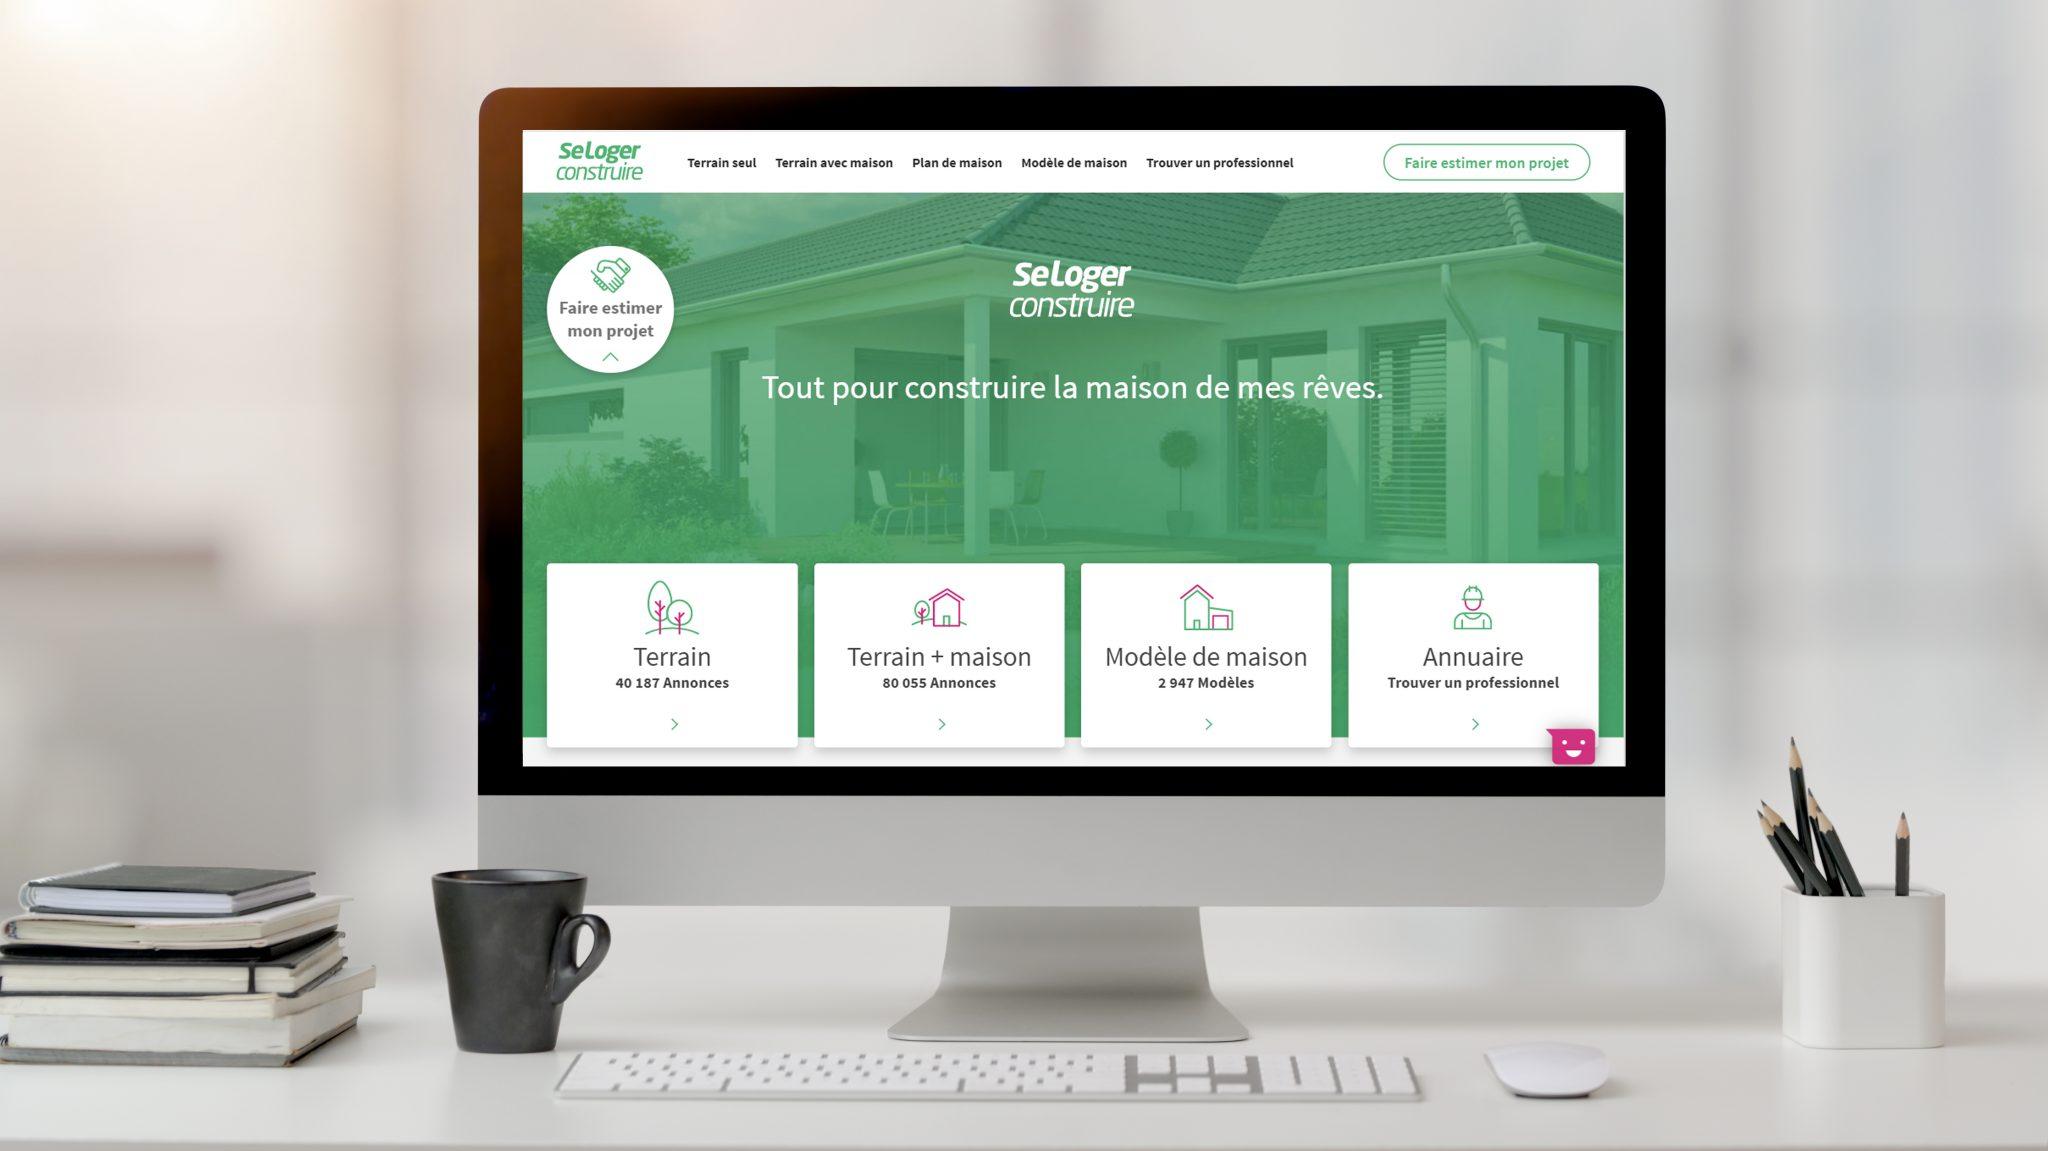 Des nouveautés sur SeLoger construire, qui valorisent toujours plus votre marque